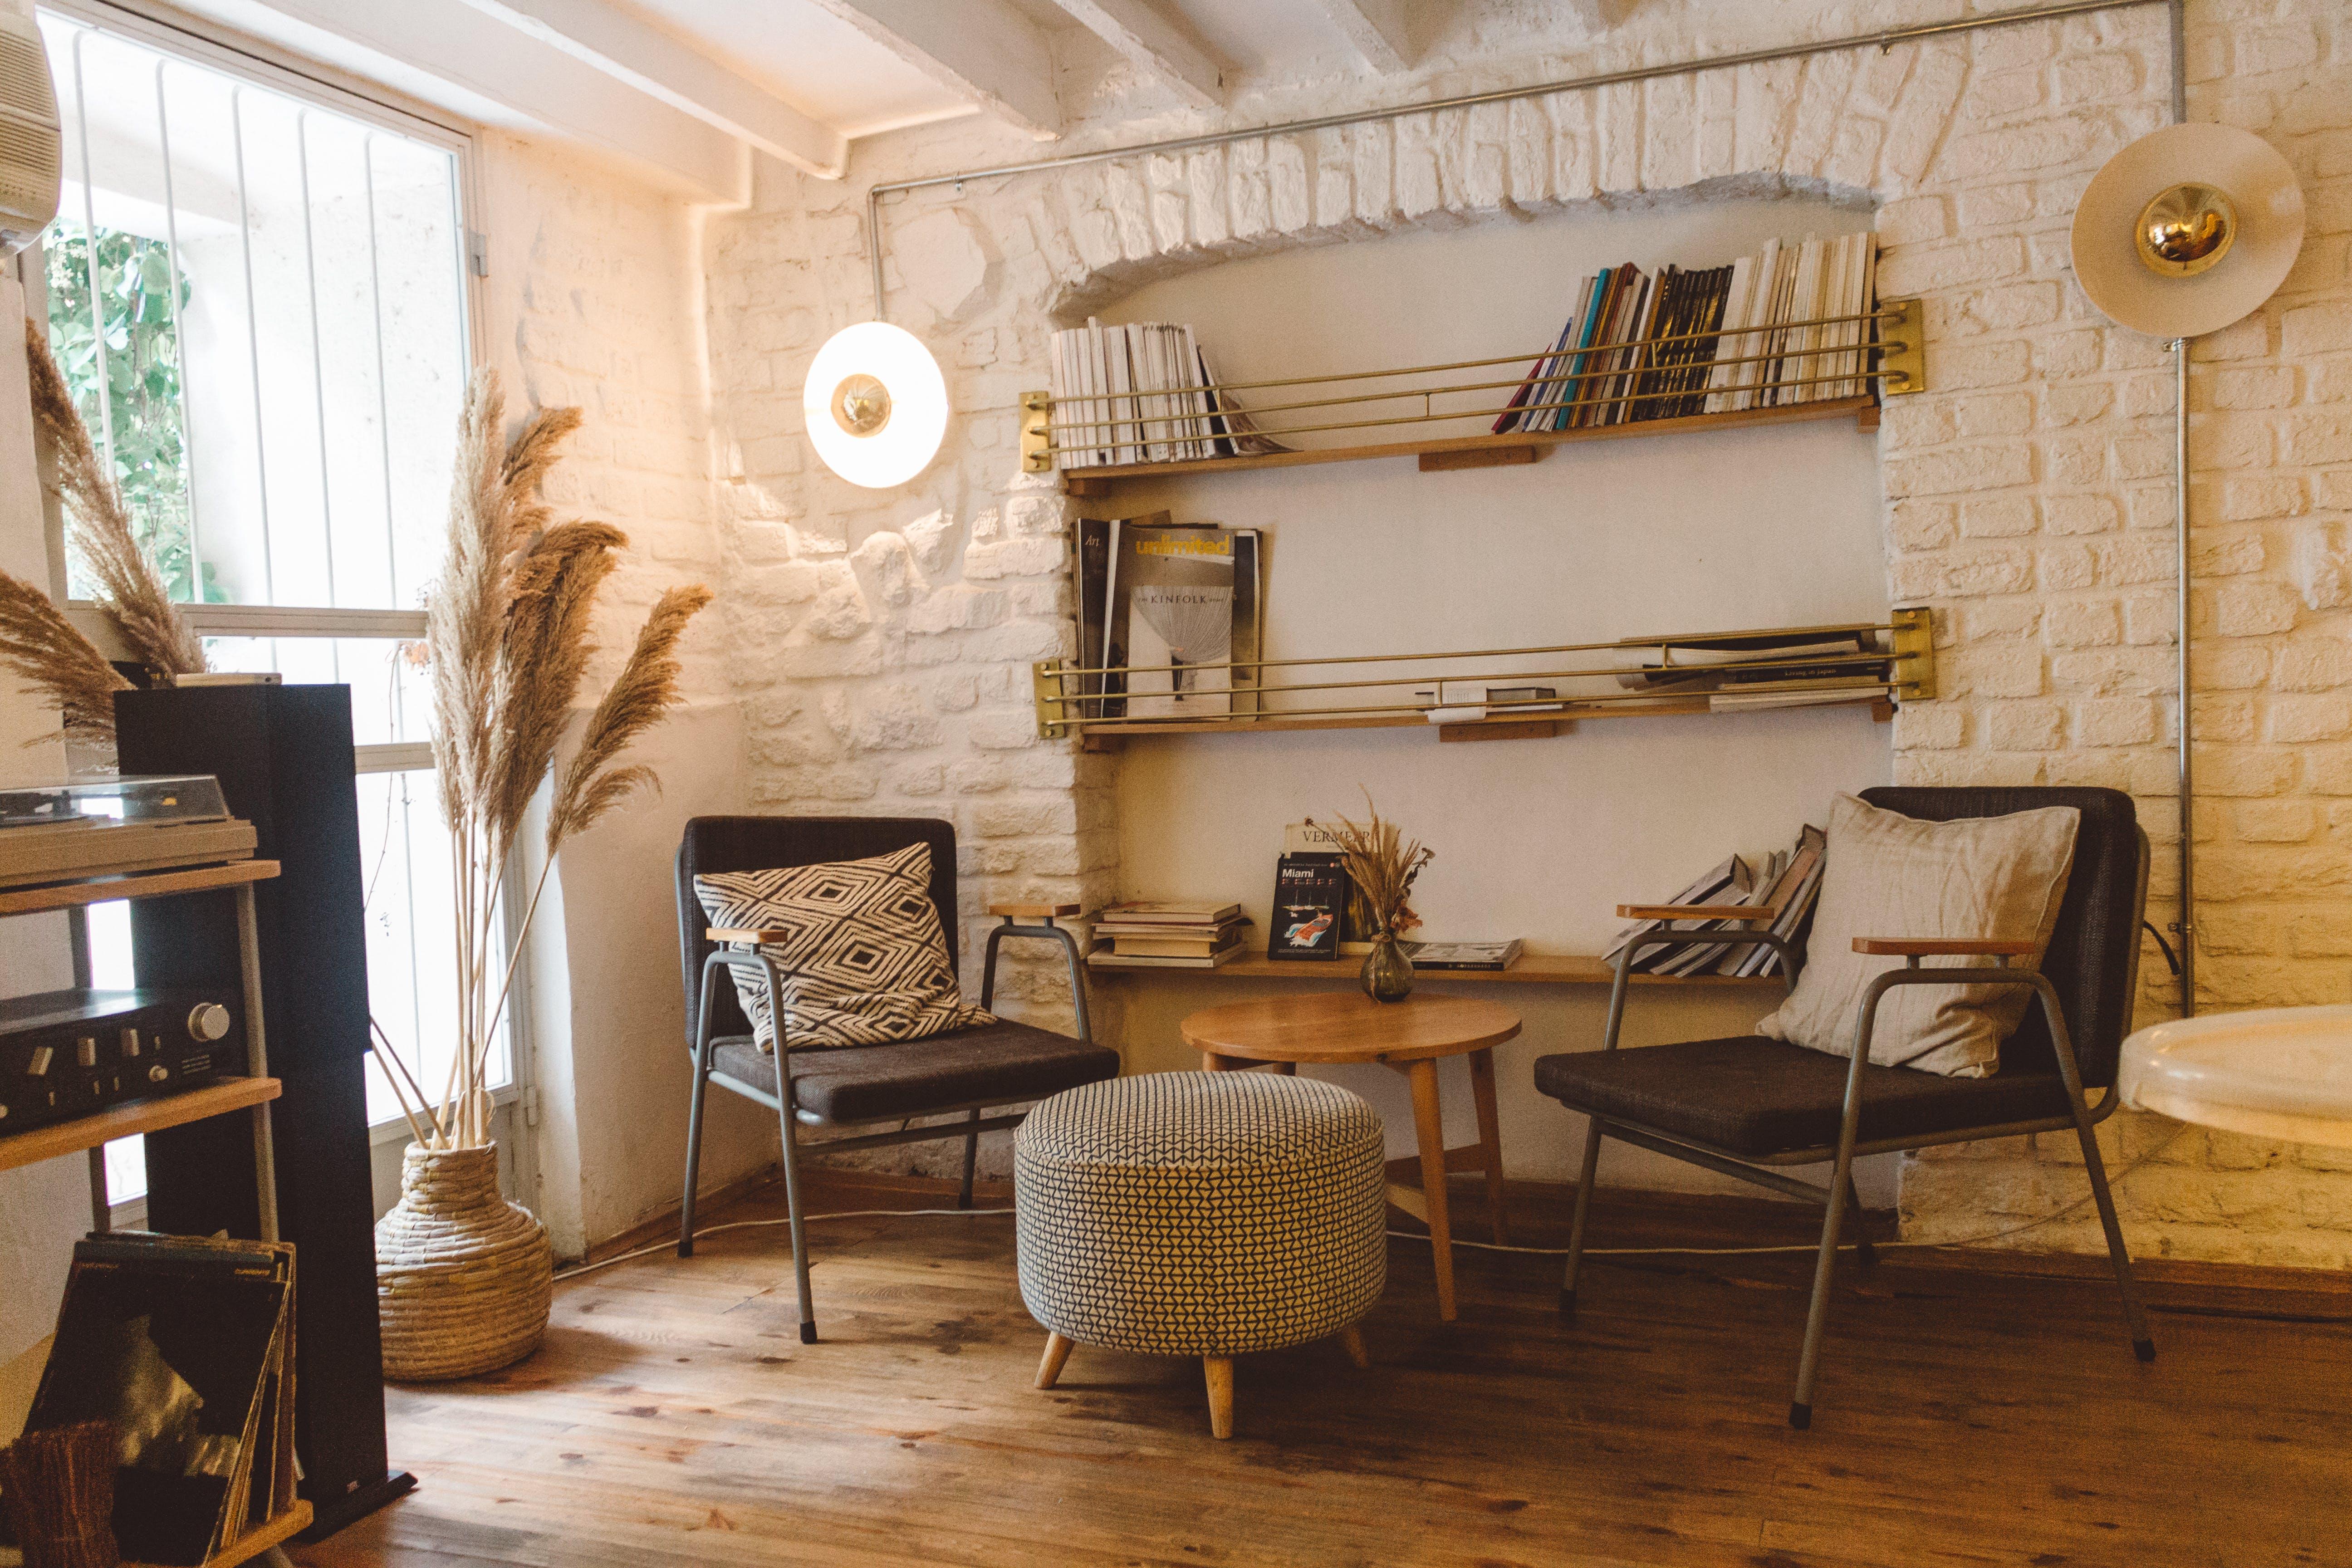 Gratis lagerfoto af bord, bøger, børs, gardin